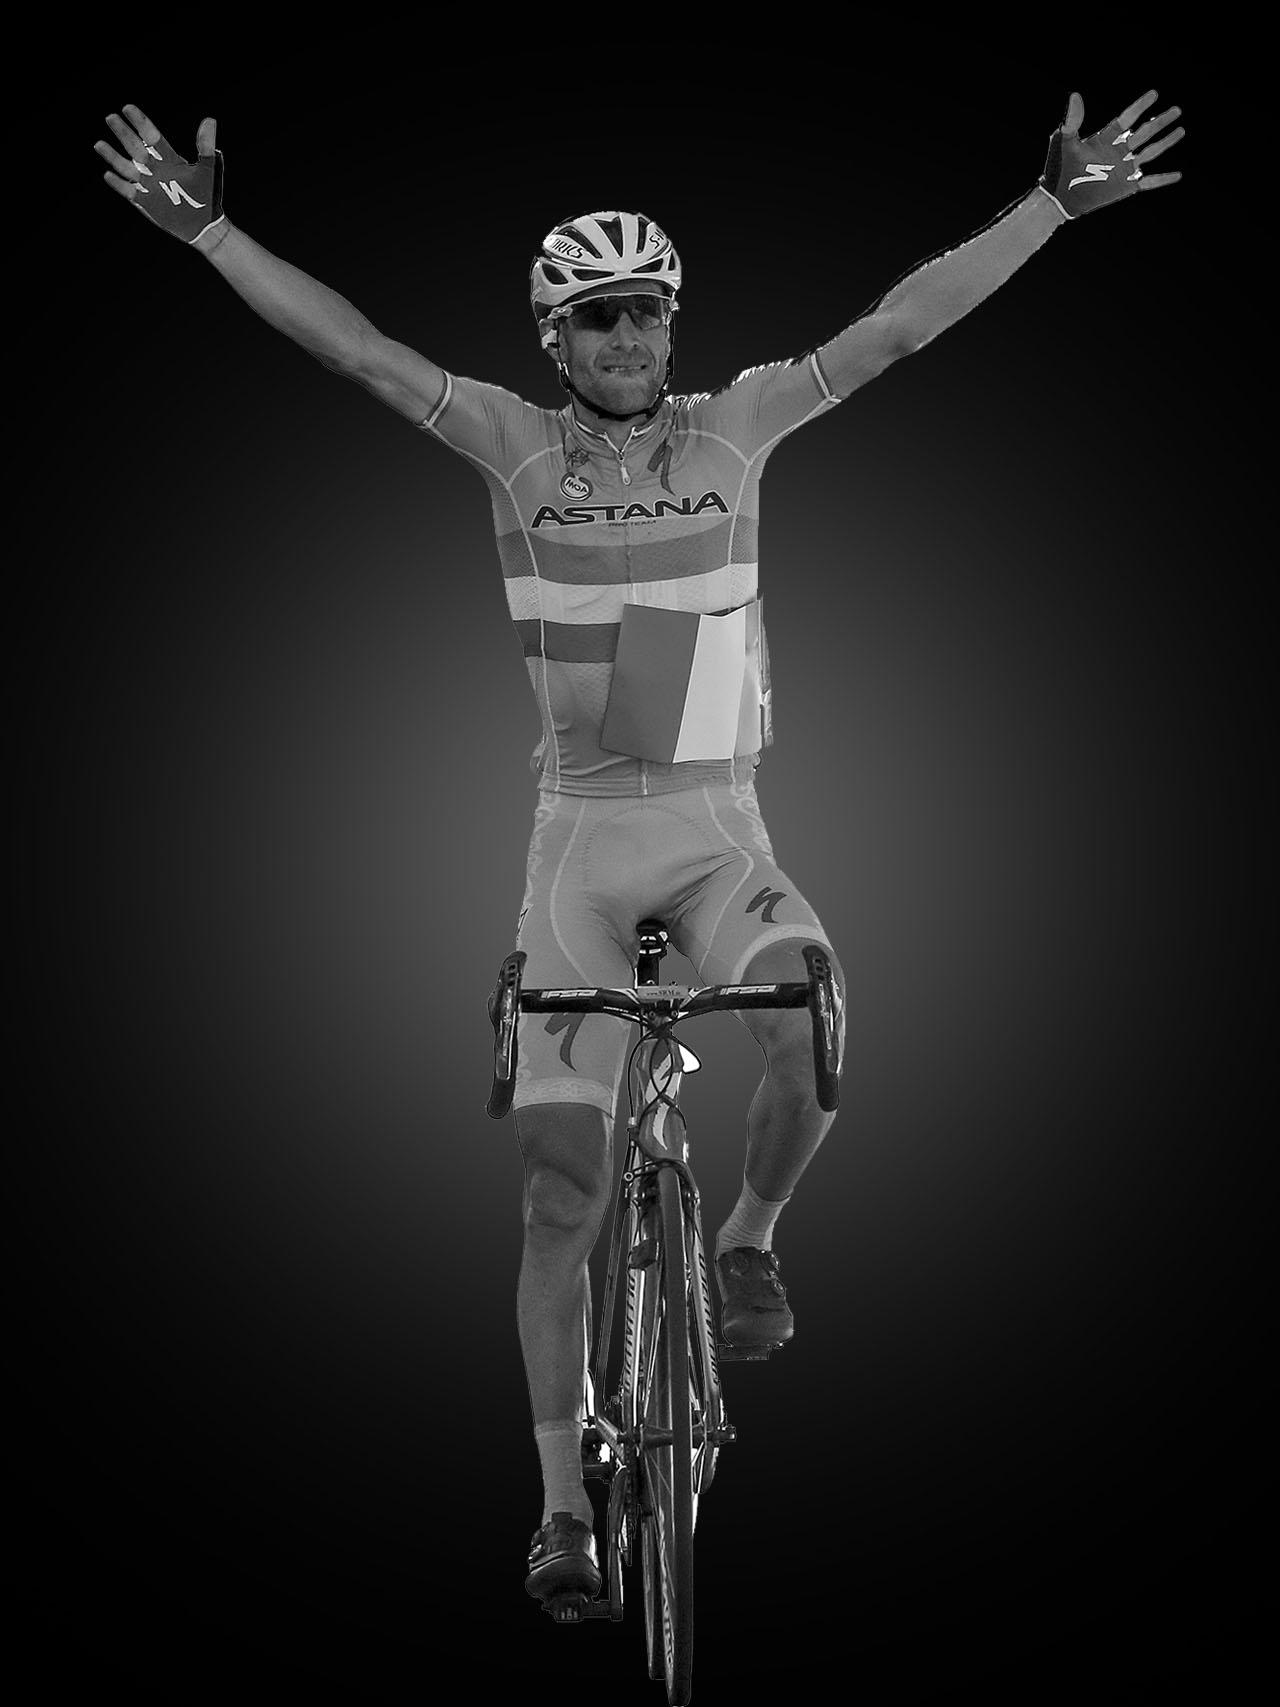 campionati-italiani-ciclismo-siti-web-grafica-seo-eventi-social-network-vallecamonica-contessi-fostinelli